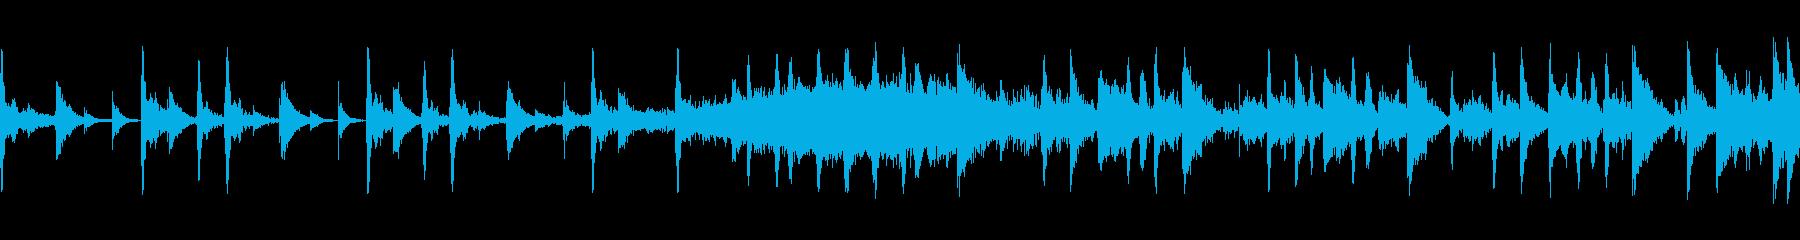 イントロから展開していくテクノの再生済みの波形